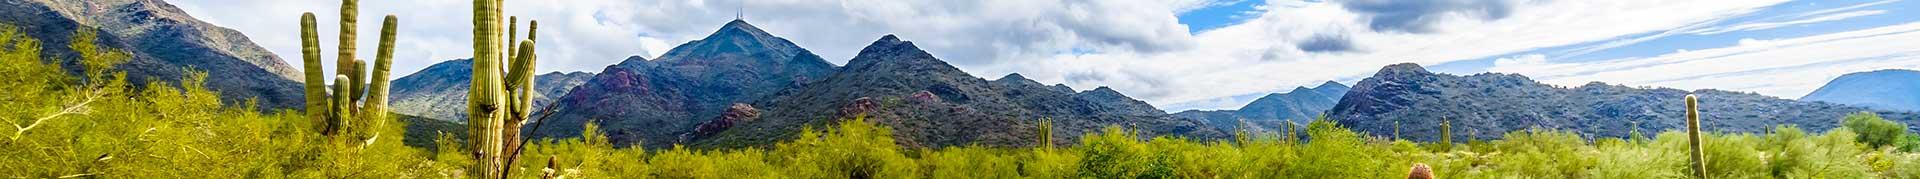 Arizona state mountains